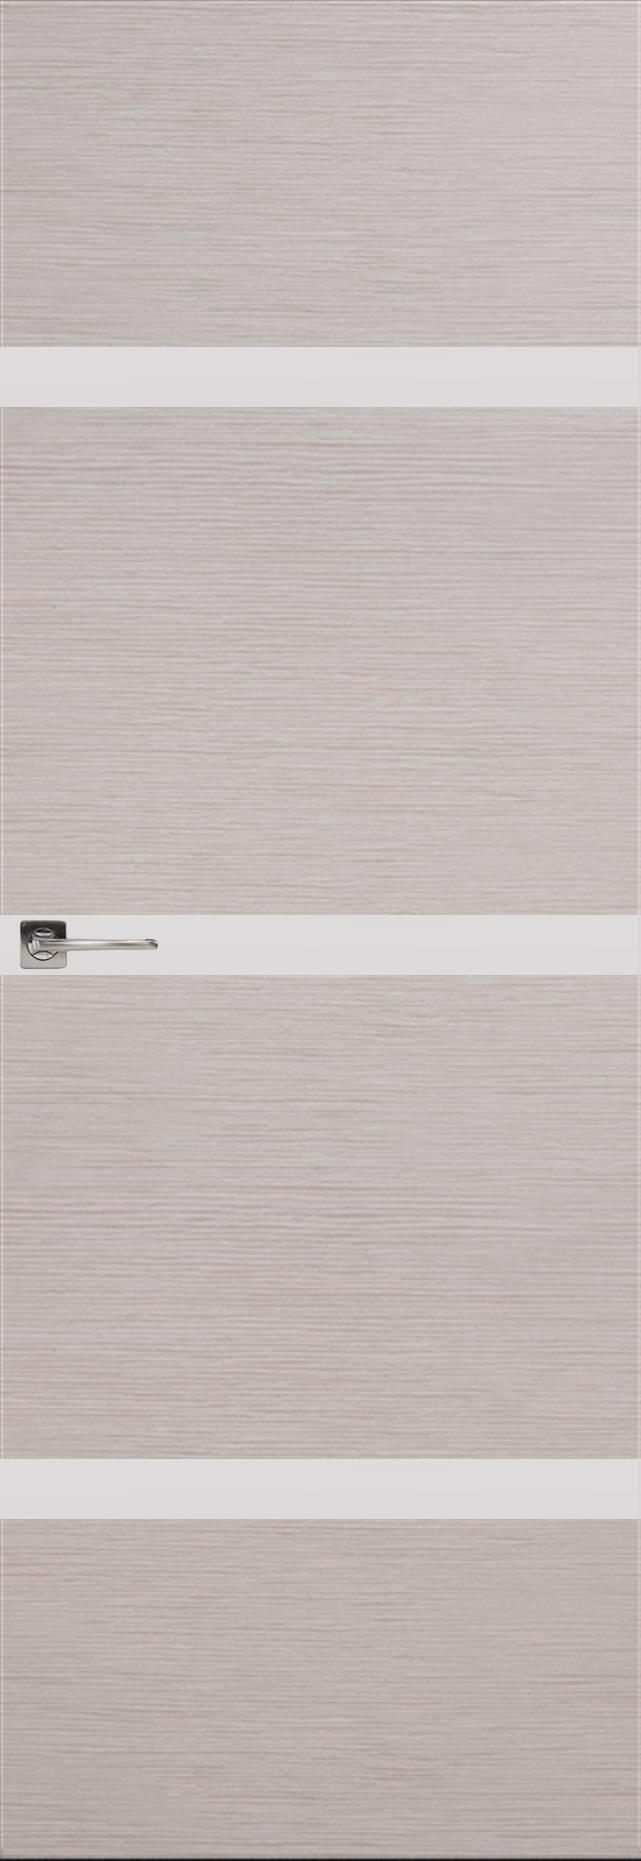 Tivoli Г-4 Невидимка цвет - Дымчатый дуб Без стекла (ДГ)